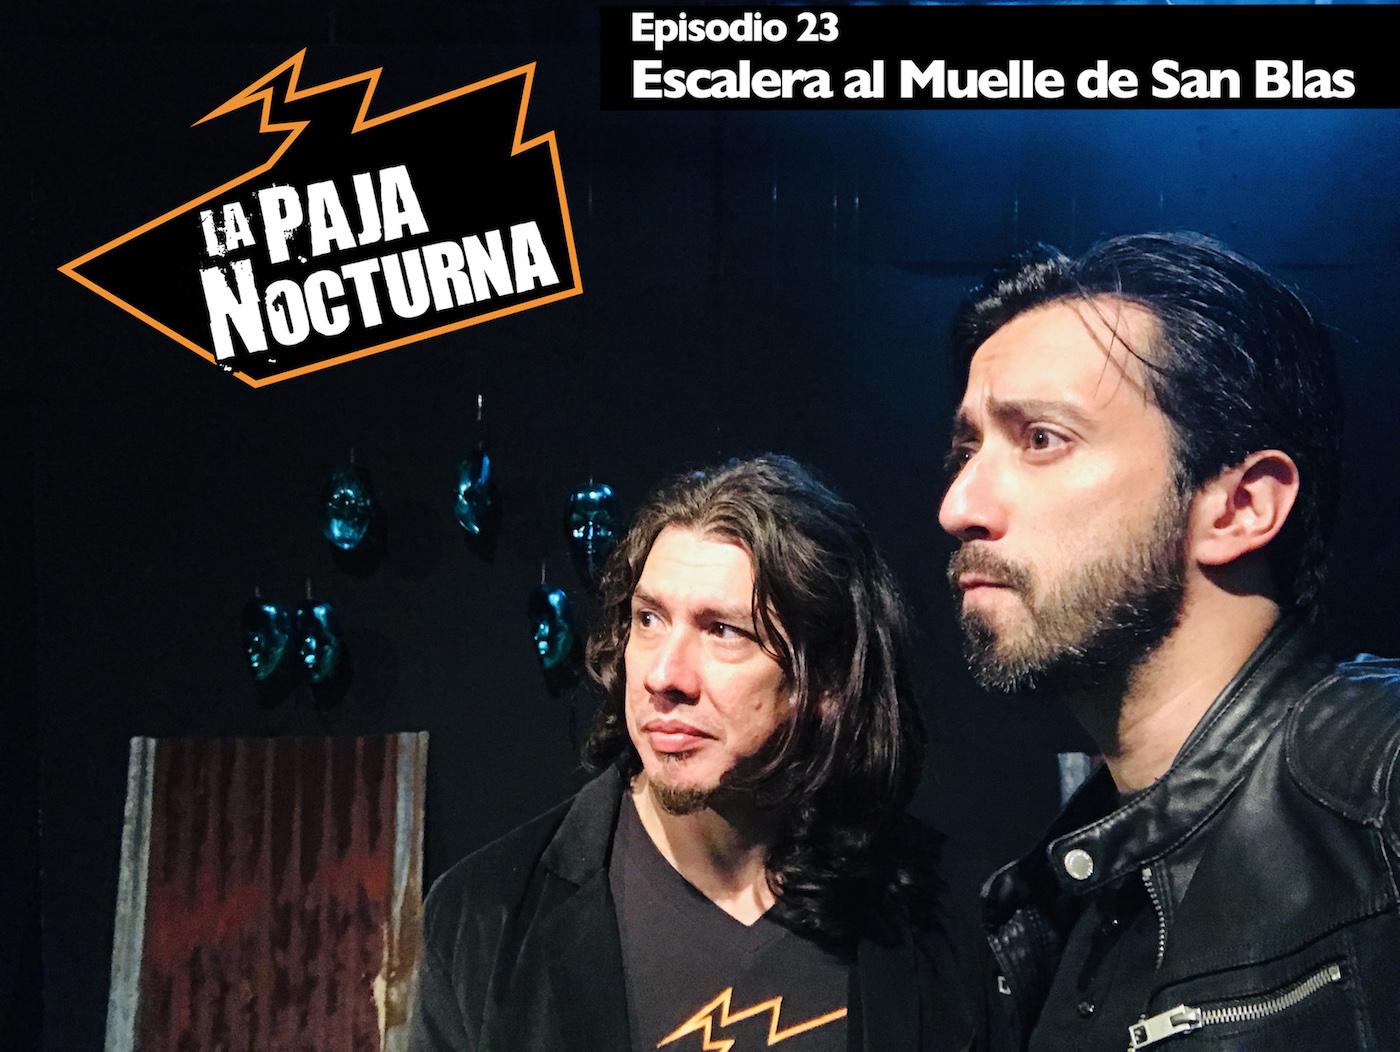 La Paja Nocturna Podcast Episodio 23